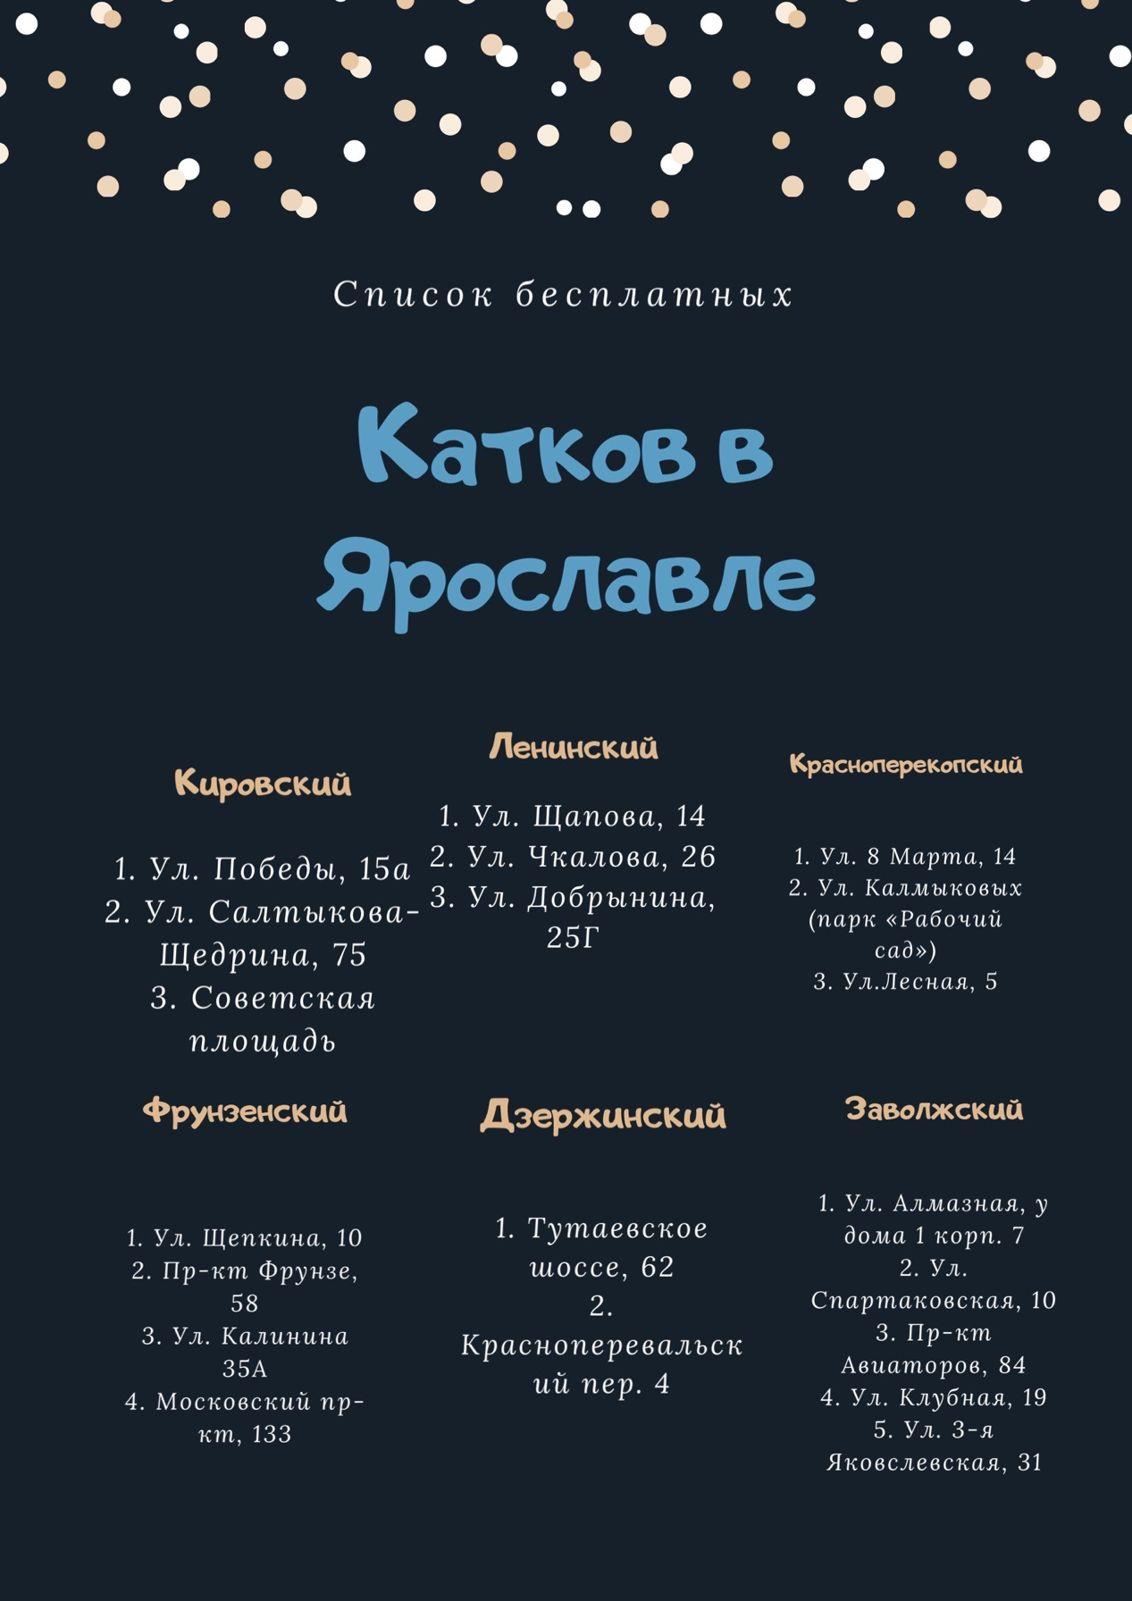 В Ярославле зальют два десятка бесплатных катков: полный список